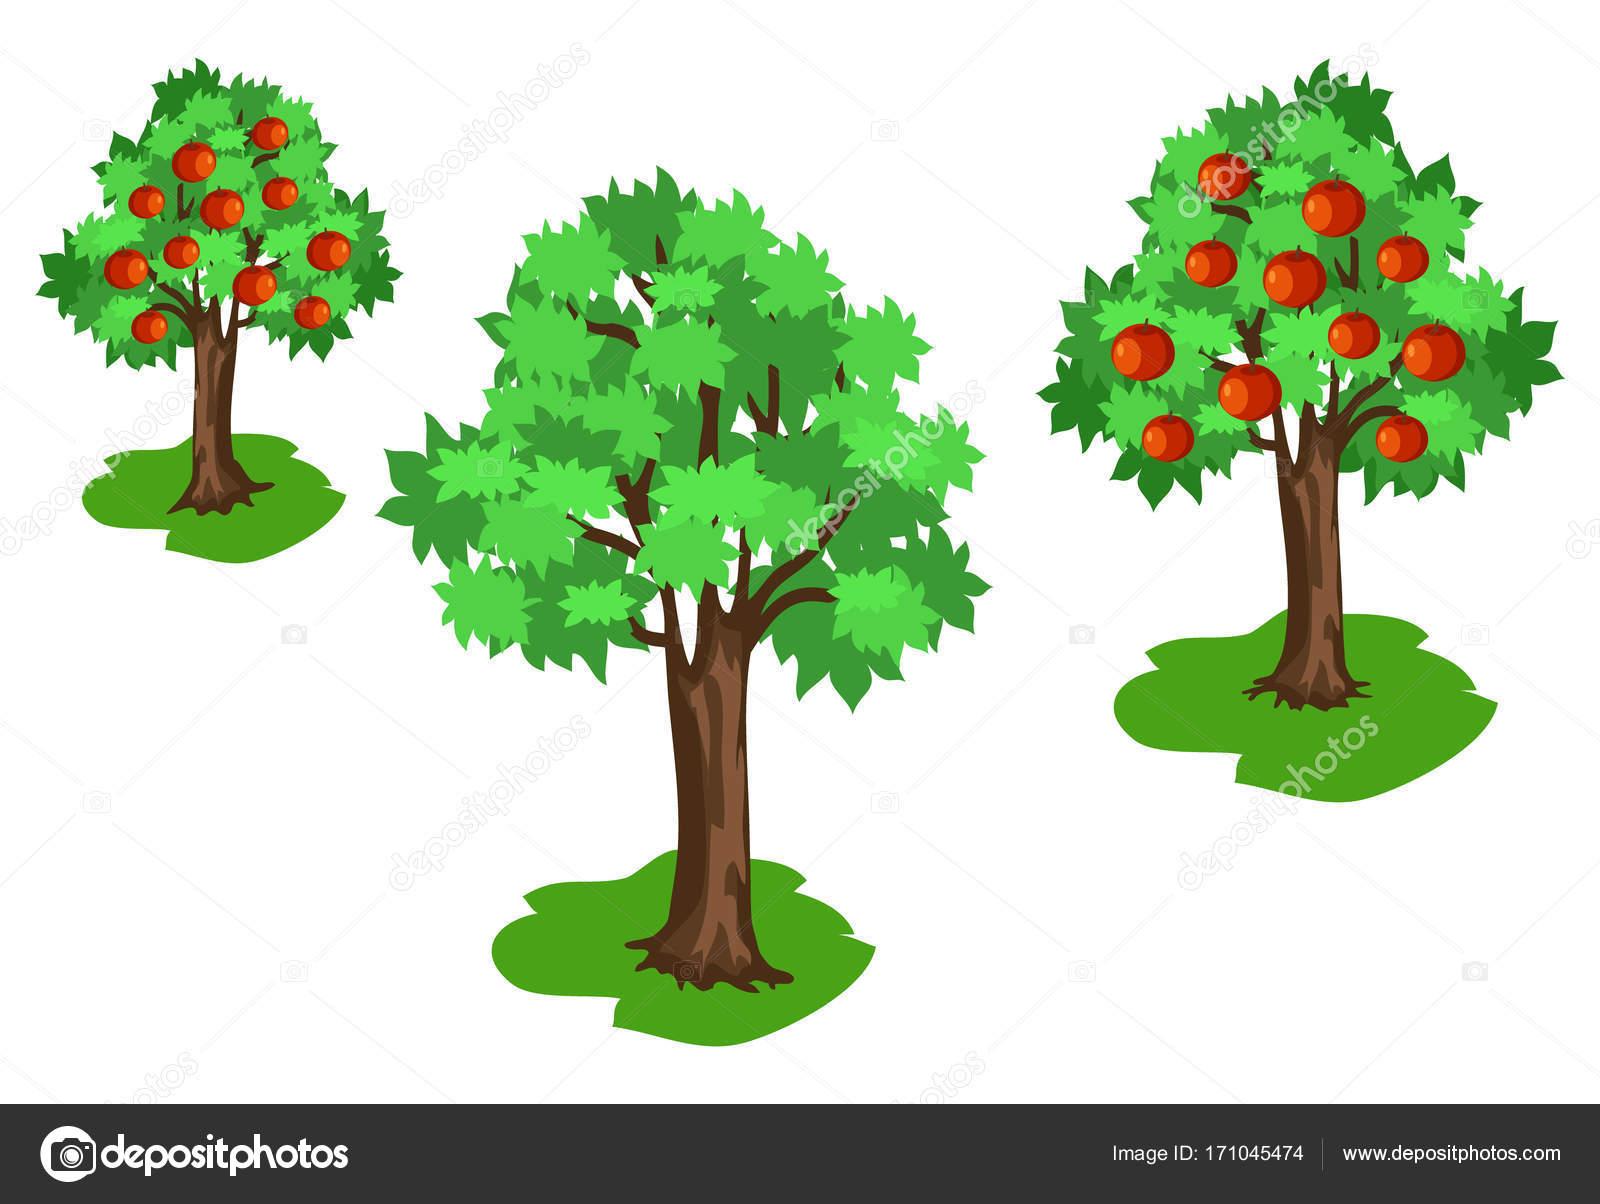 Rbol con hojas verdes y frutos rojos vector de stock for Arbol de frutos rojos pequenos